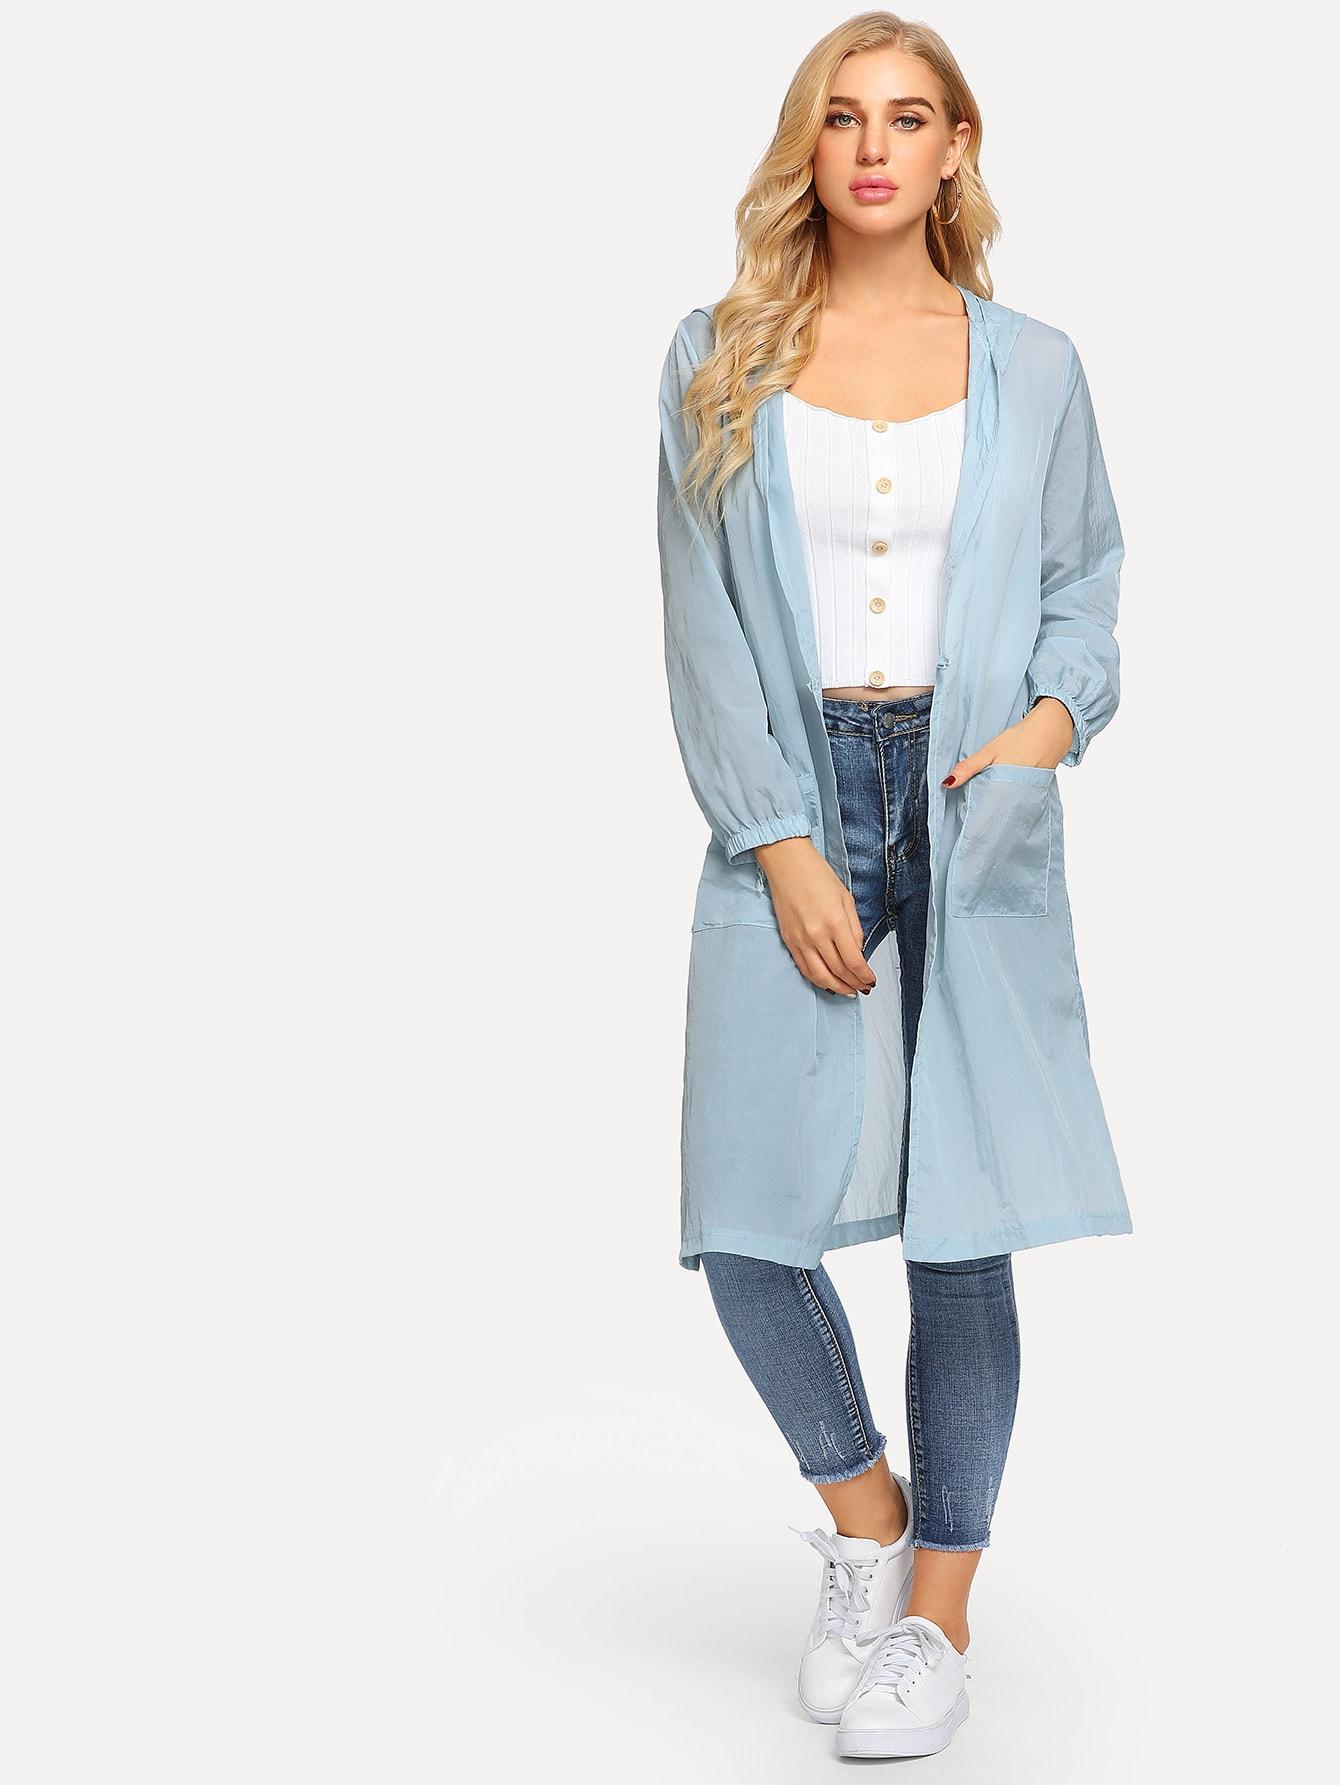 Купить Куртка с капюшоном и с рисунками цветов вышивки, SUSU, SheIn